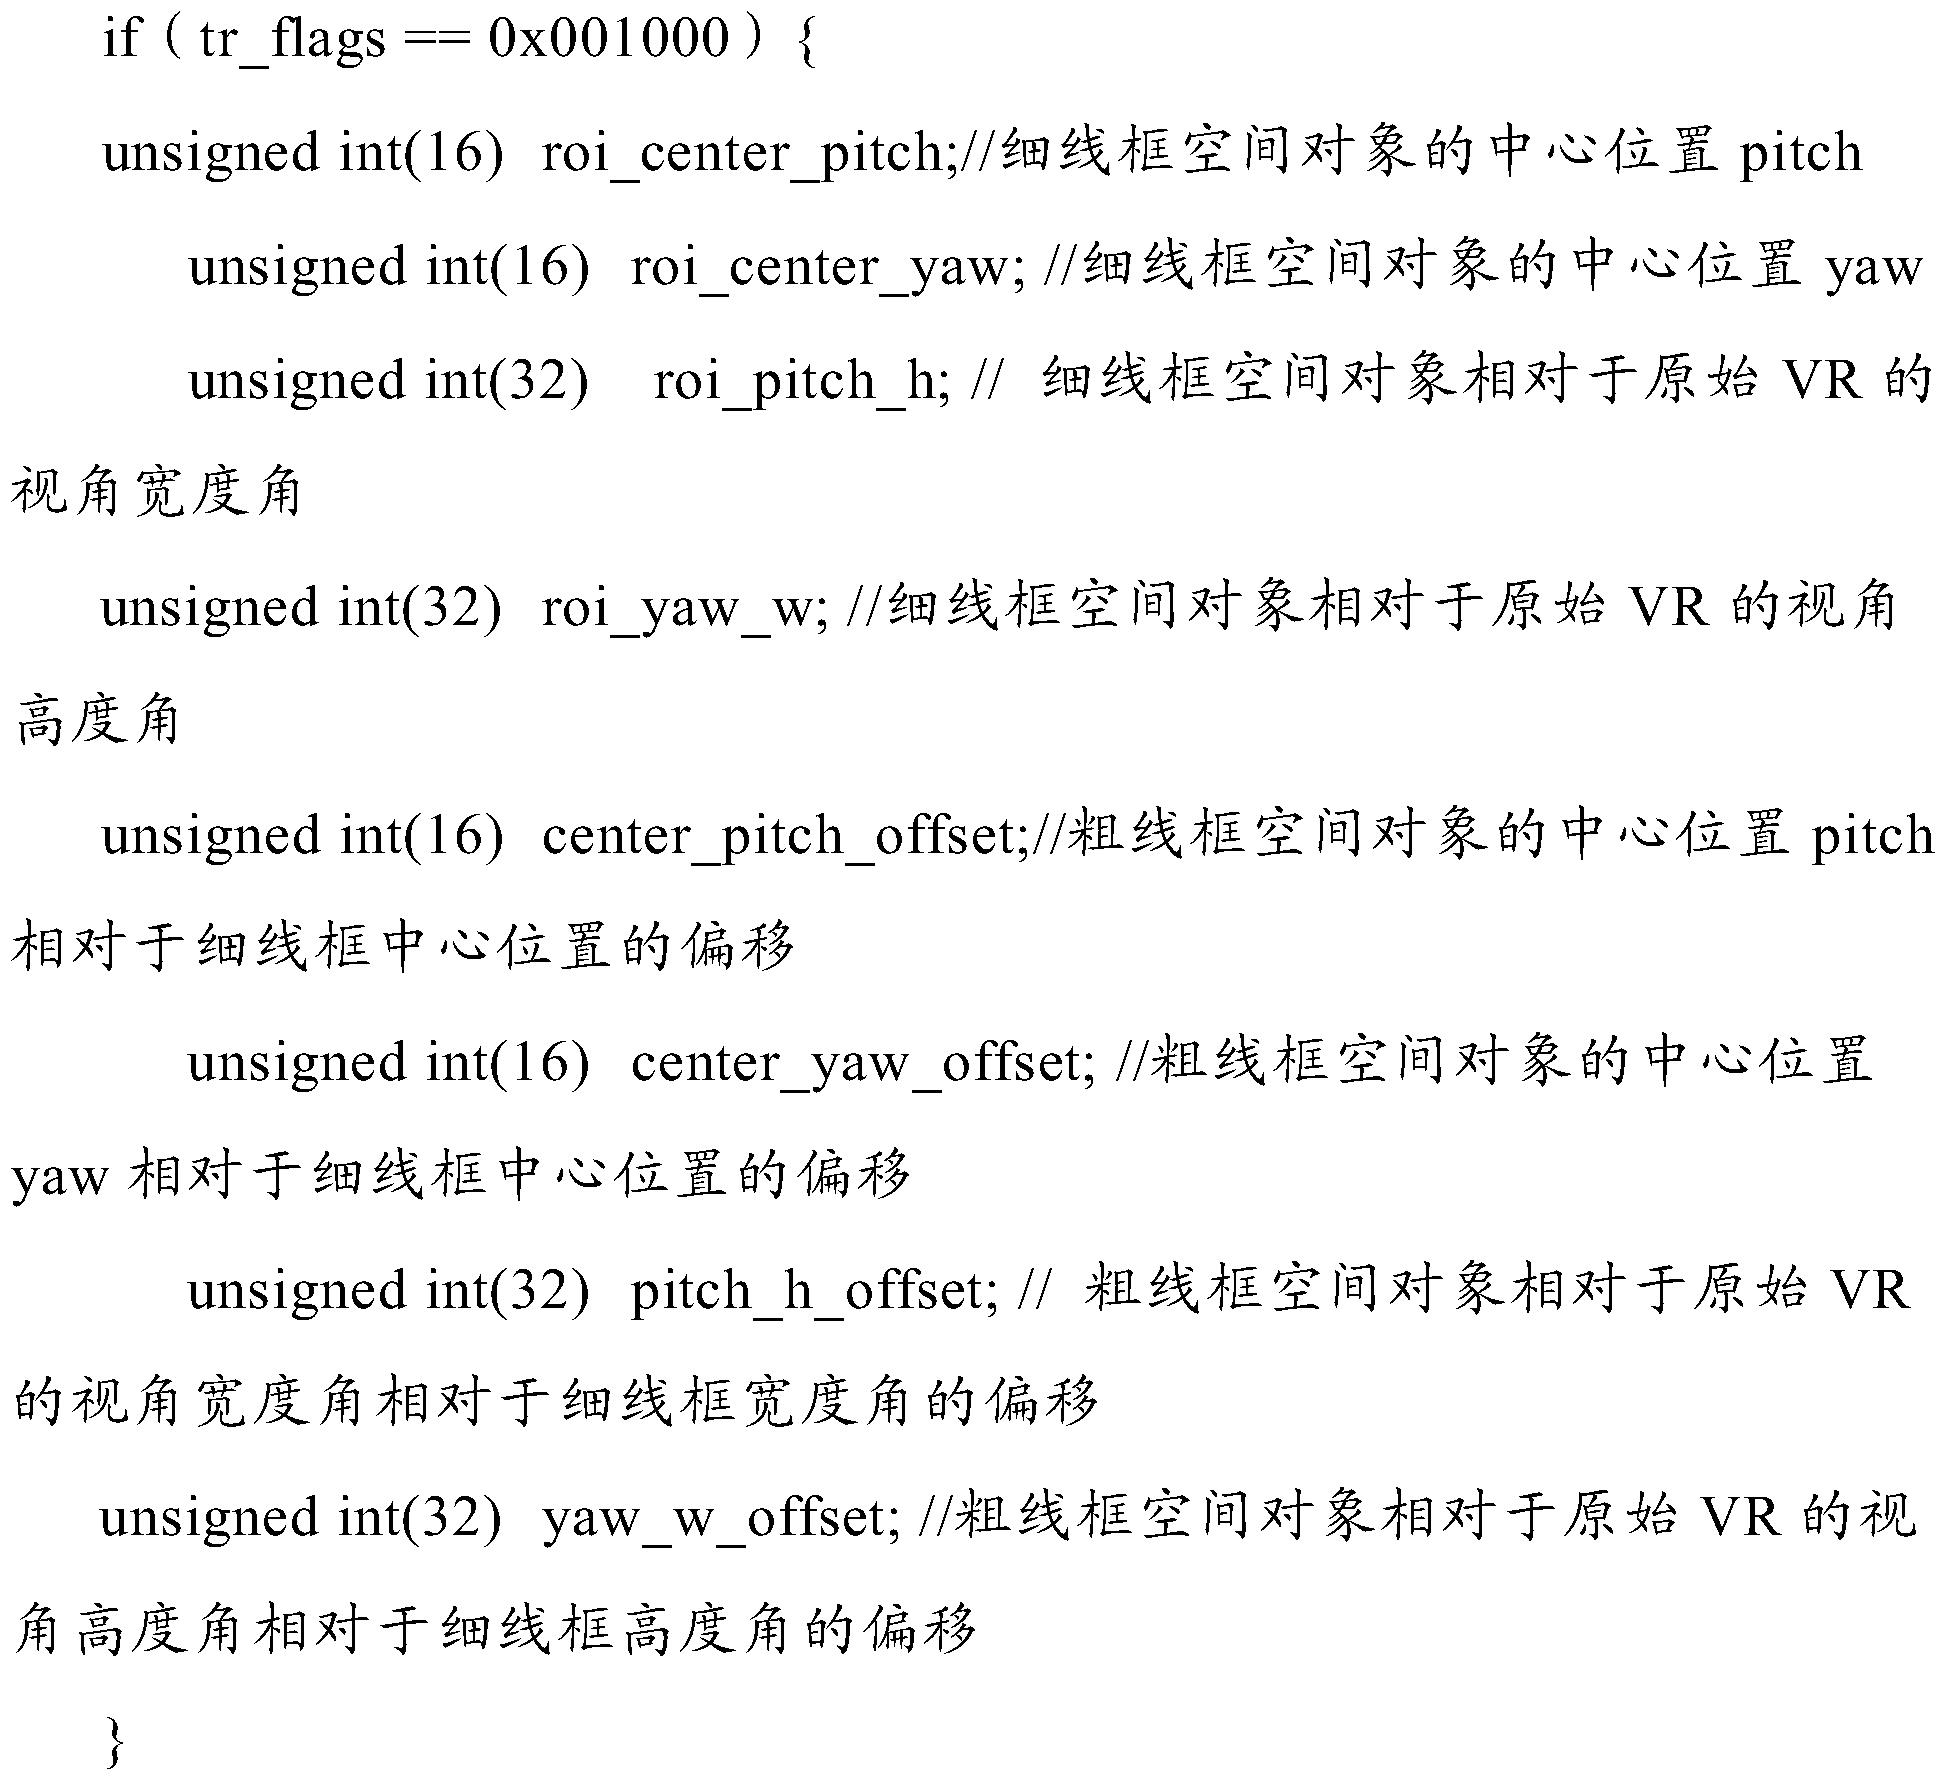 Figure PCTCN2016107111-appb-000007